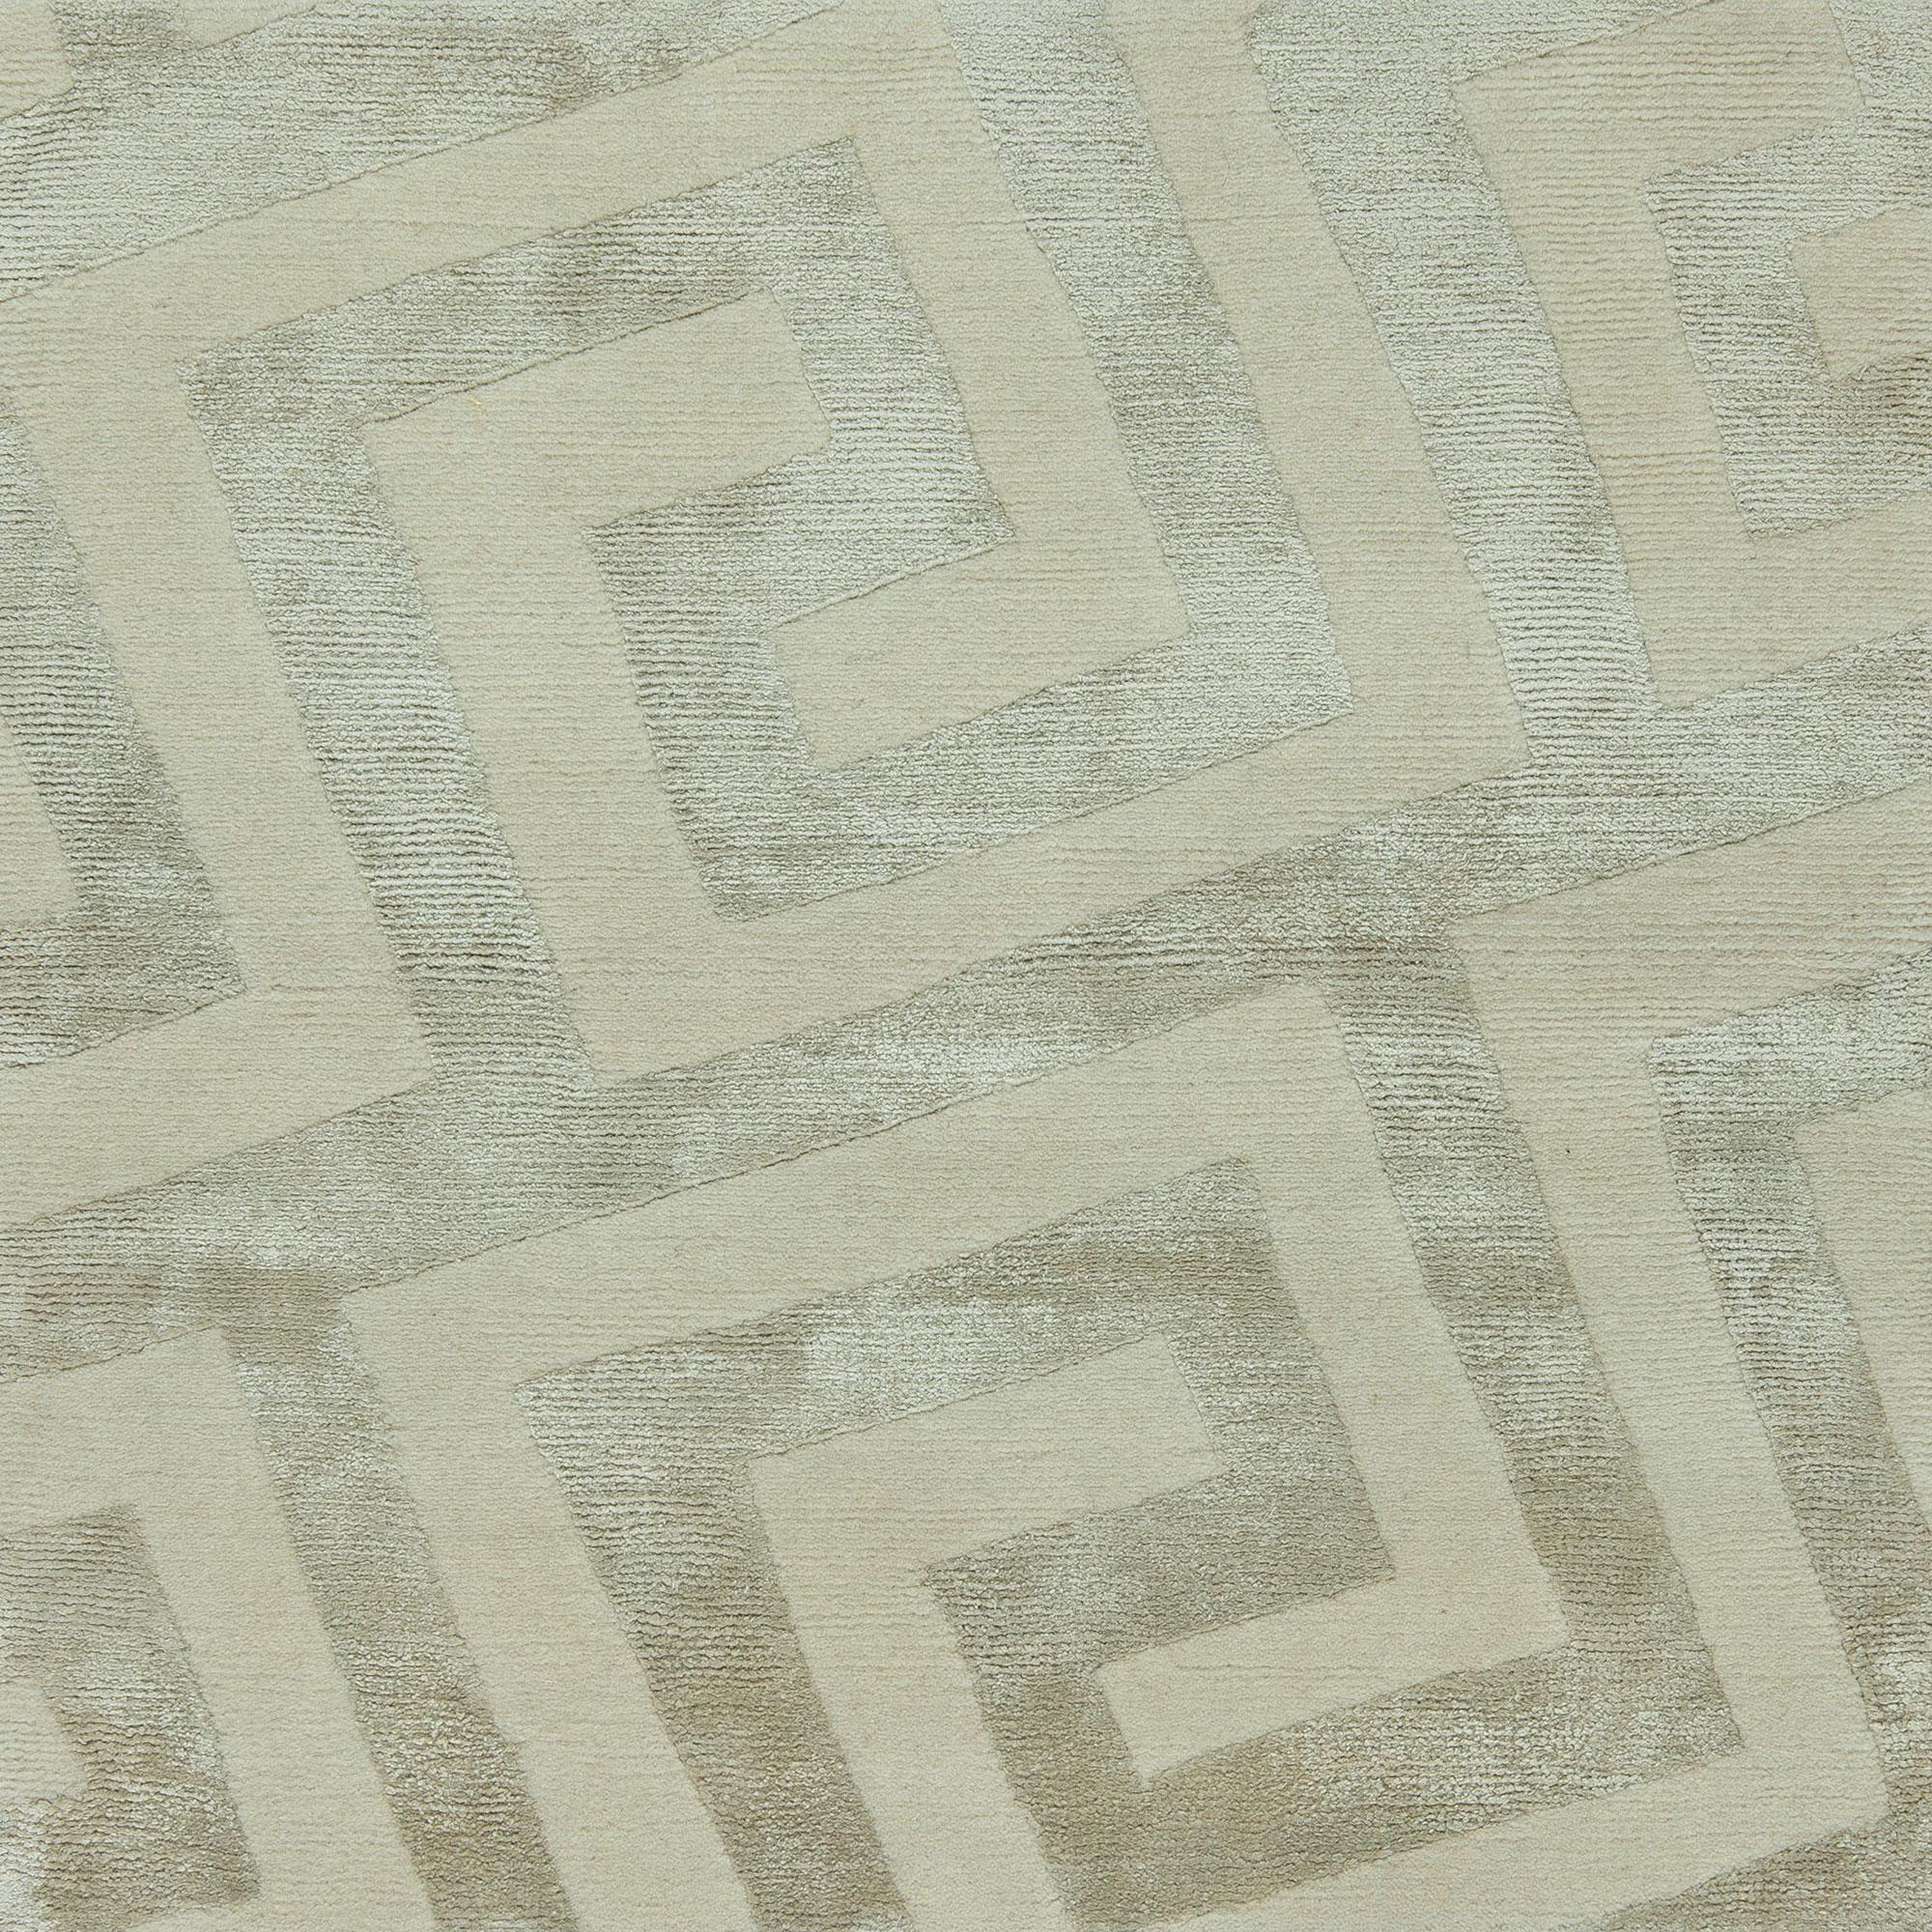 Geomteric Design S11345 S11345